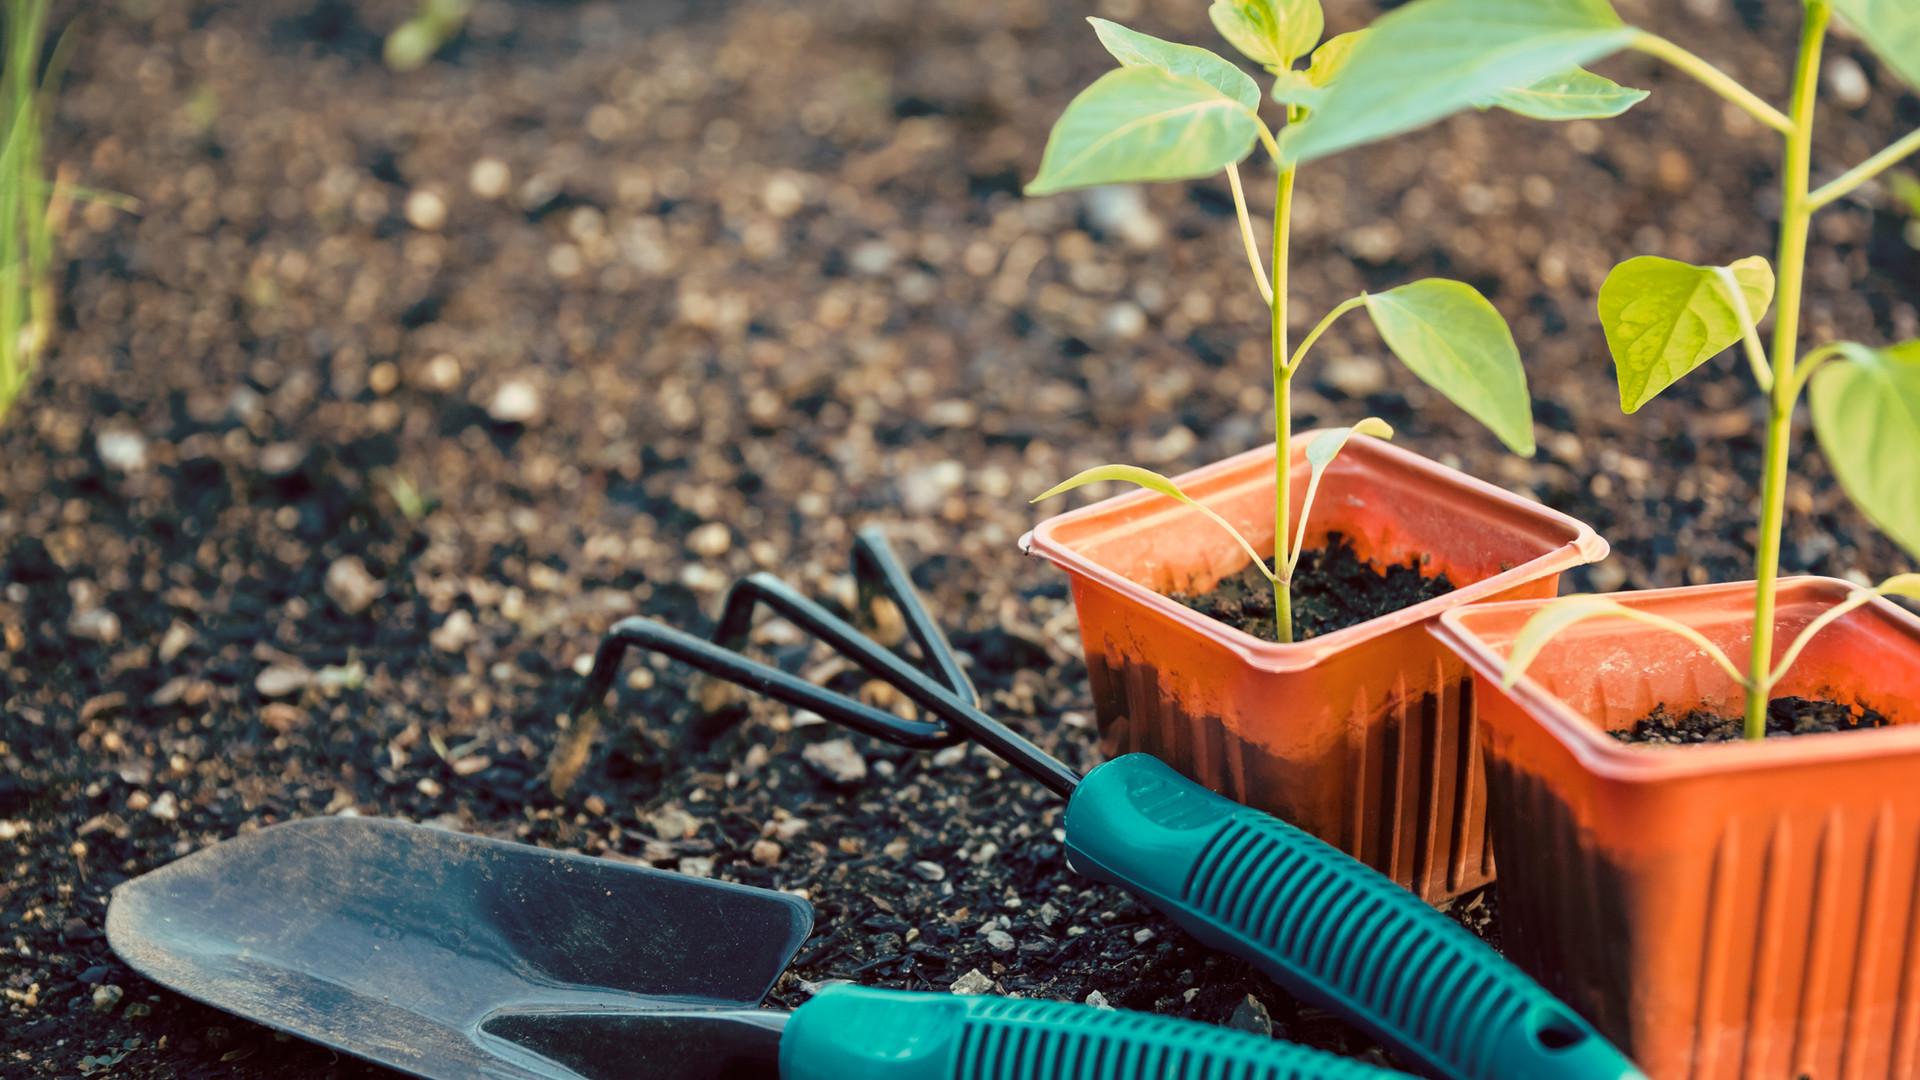 Growing the Garden Program